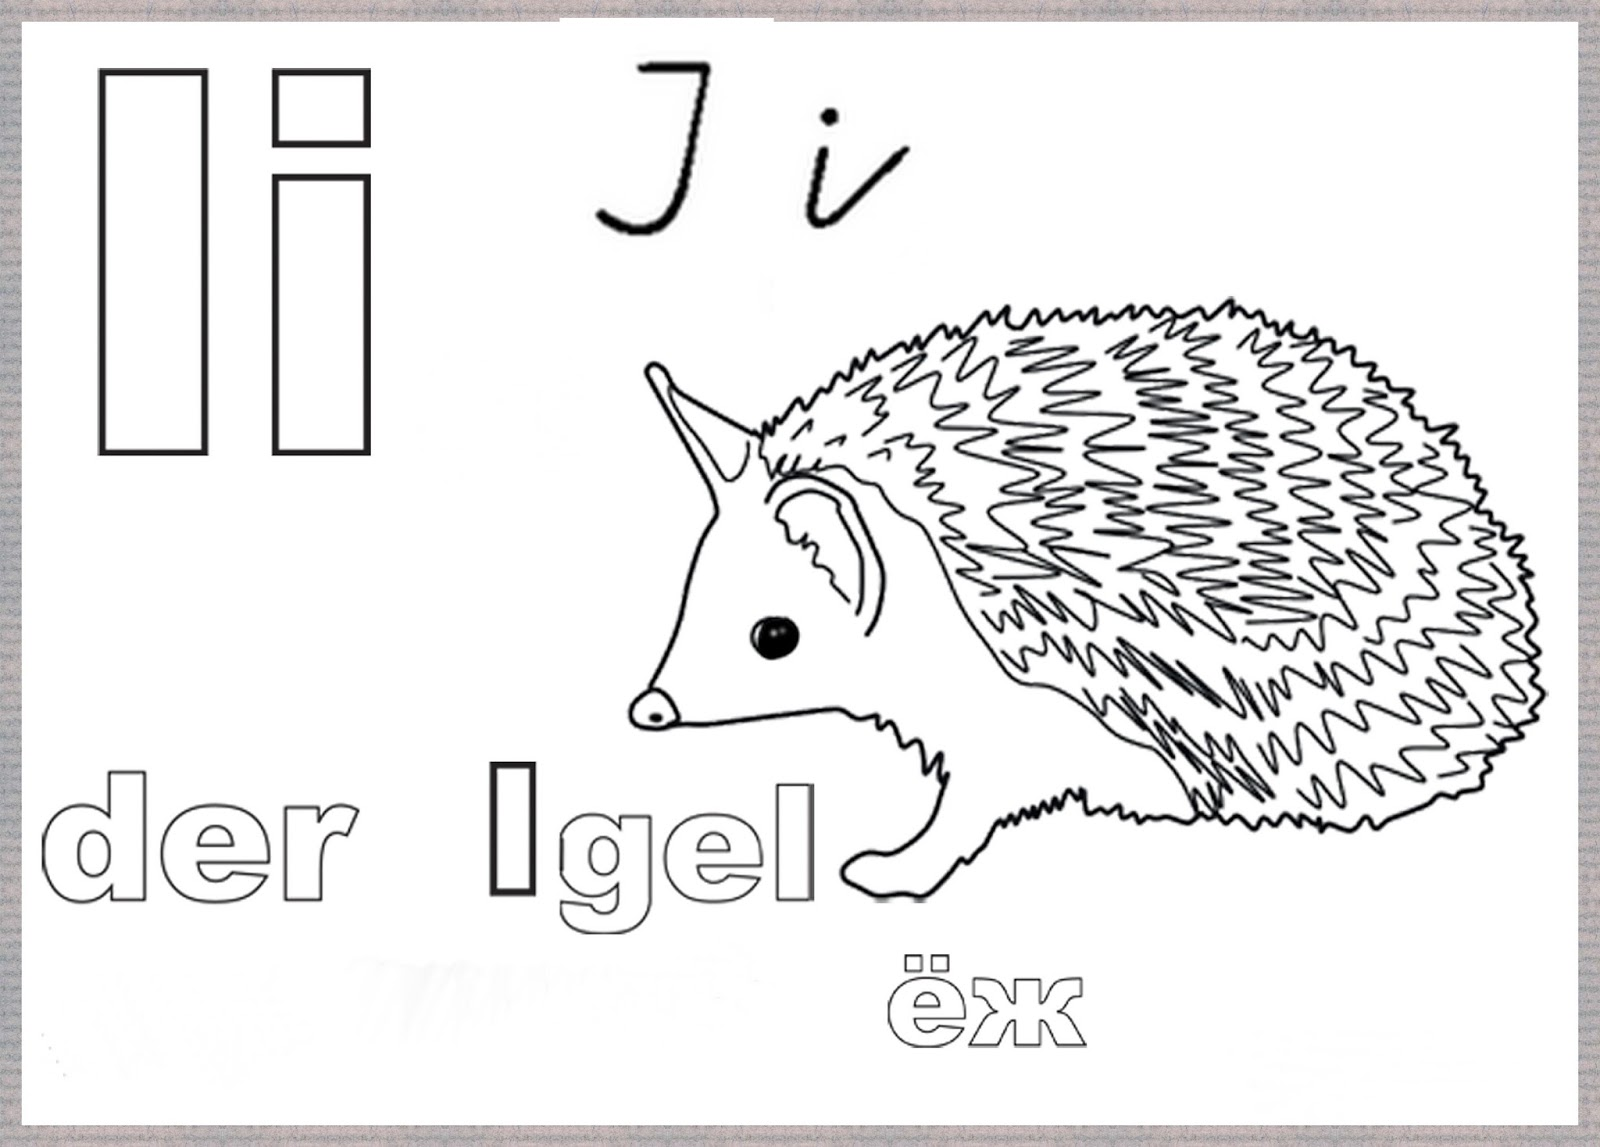 слоя алфавит немецкий раскраска всего подойдут